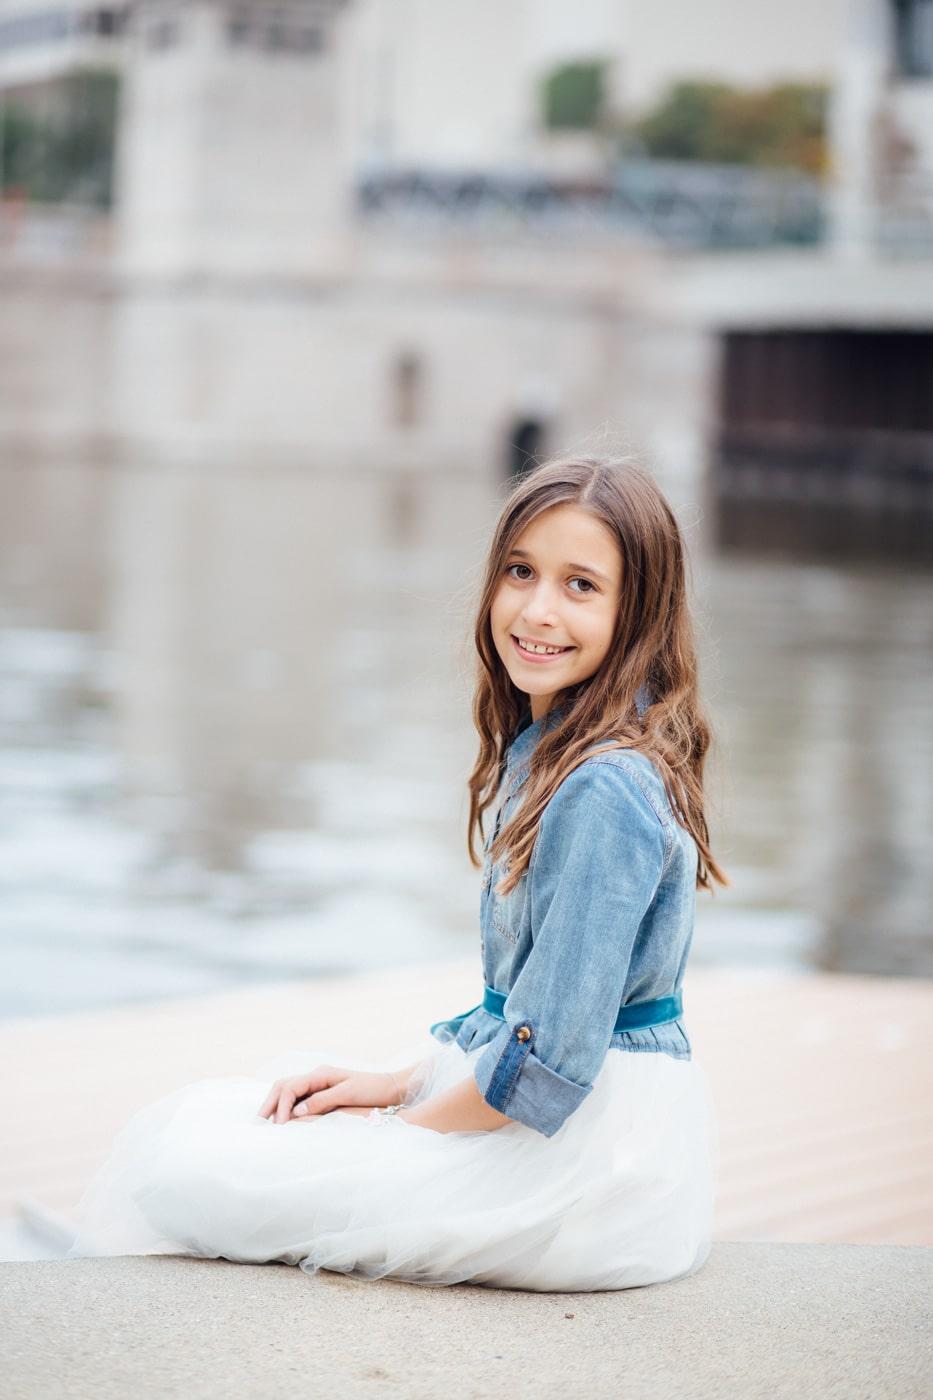 Portrait Photography - Milwaukee, Wi - Double You Photography - Kat Wegrzyniak